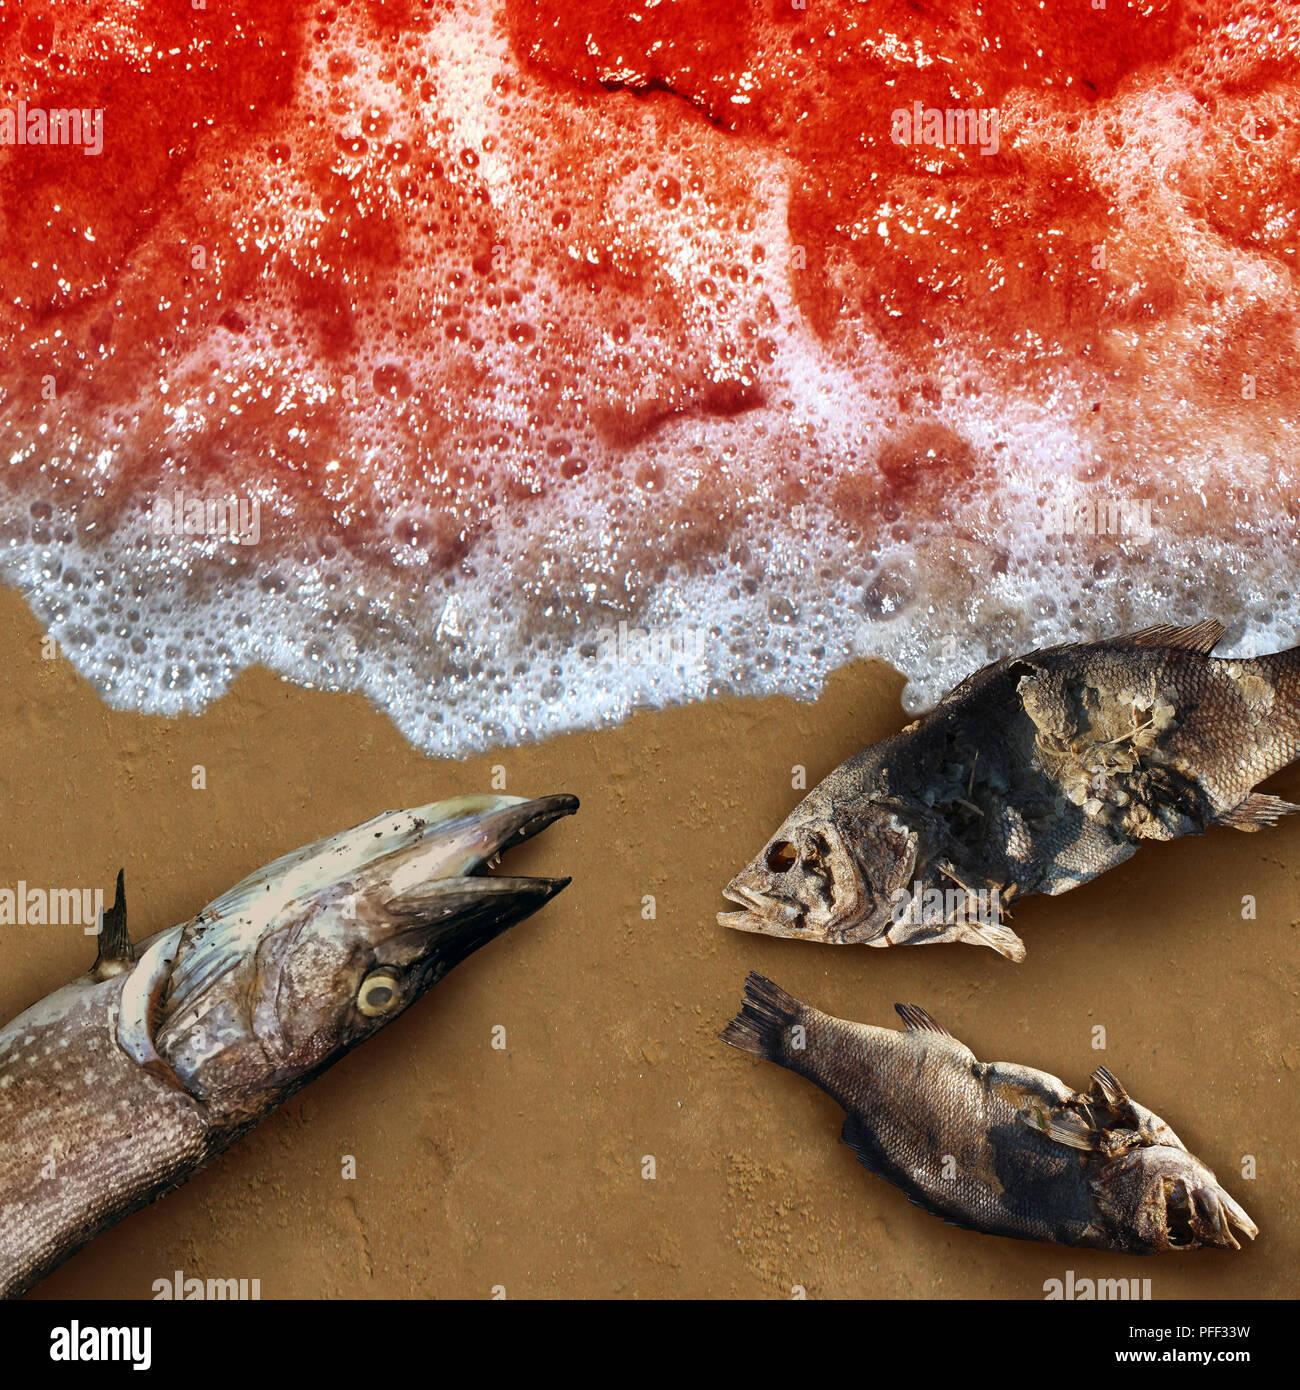 Marea rossa alghe mortale tossina naturale trovato in mare o sul mare come una vita marina il concetto di morte come uno schema concettuale in un 3D illustrazione dello stile. Immagini Stock